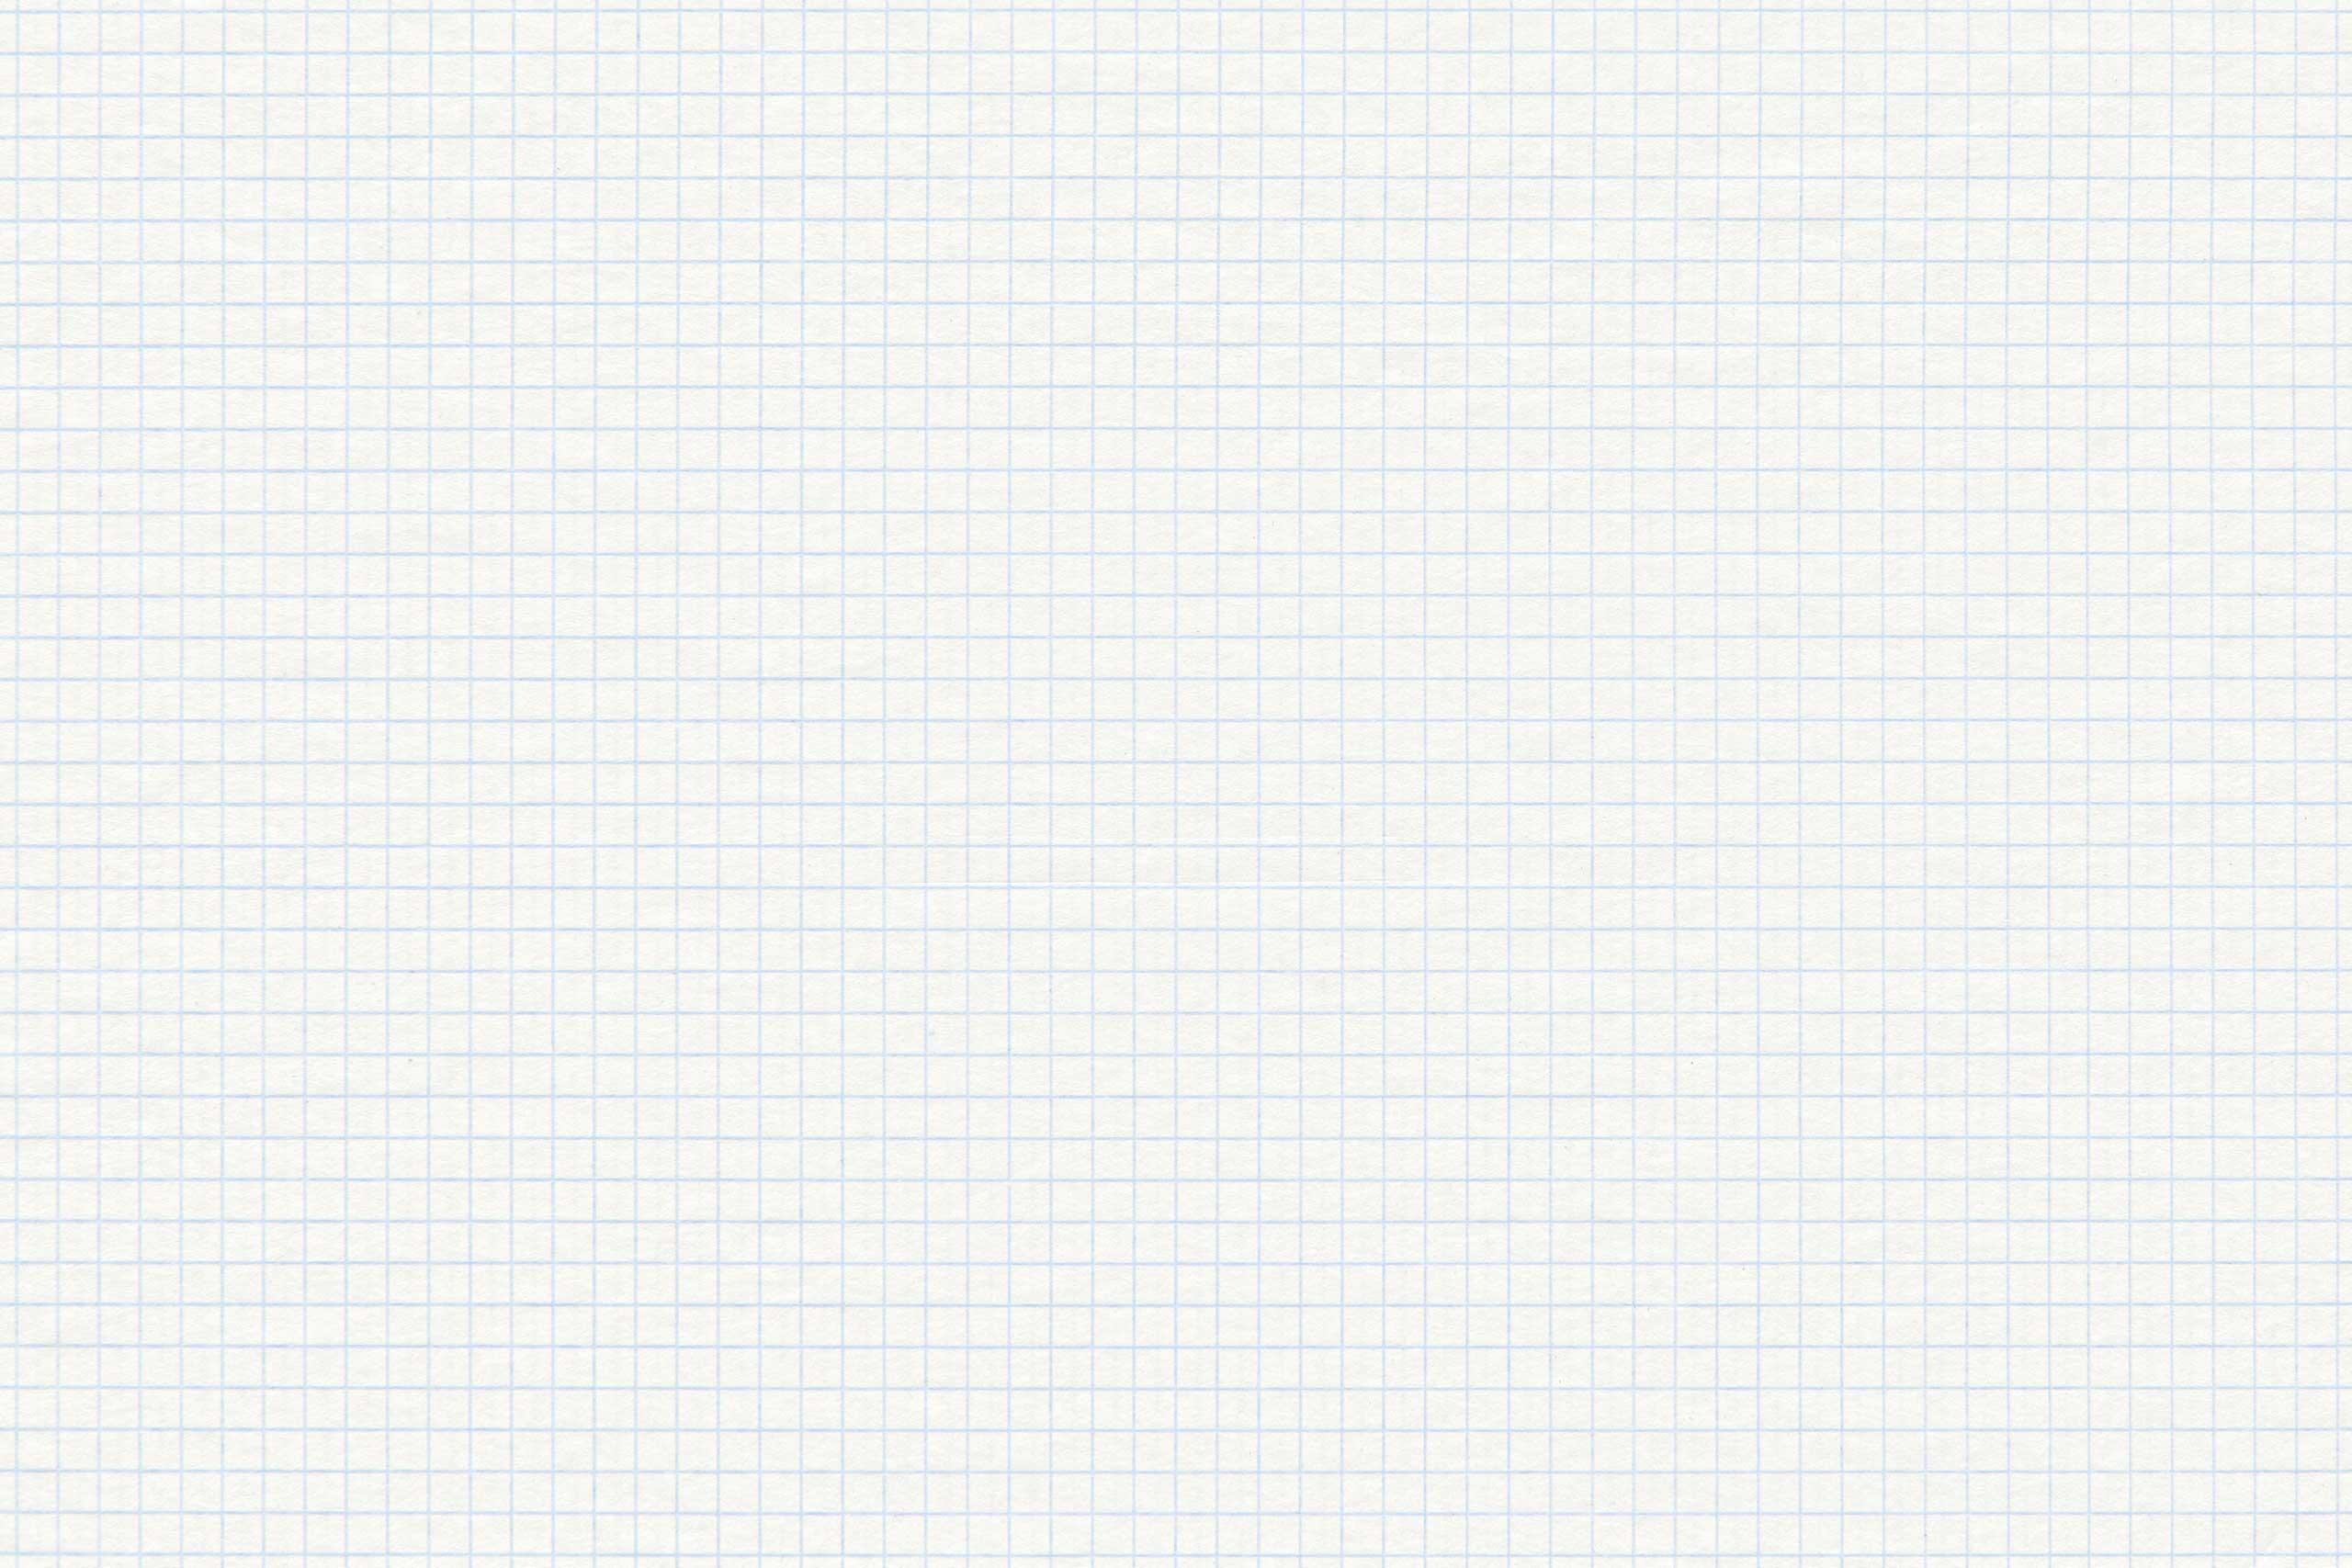 Картинка - текстура листа бумаги в клетку серого цвета.